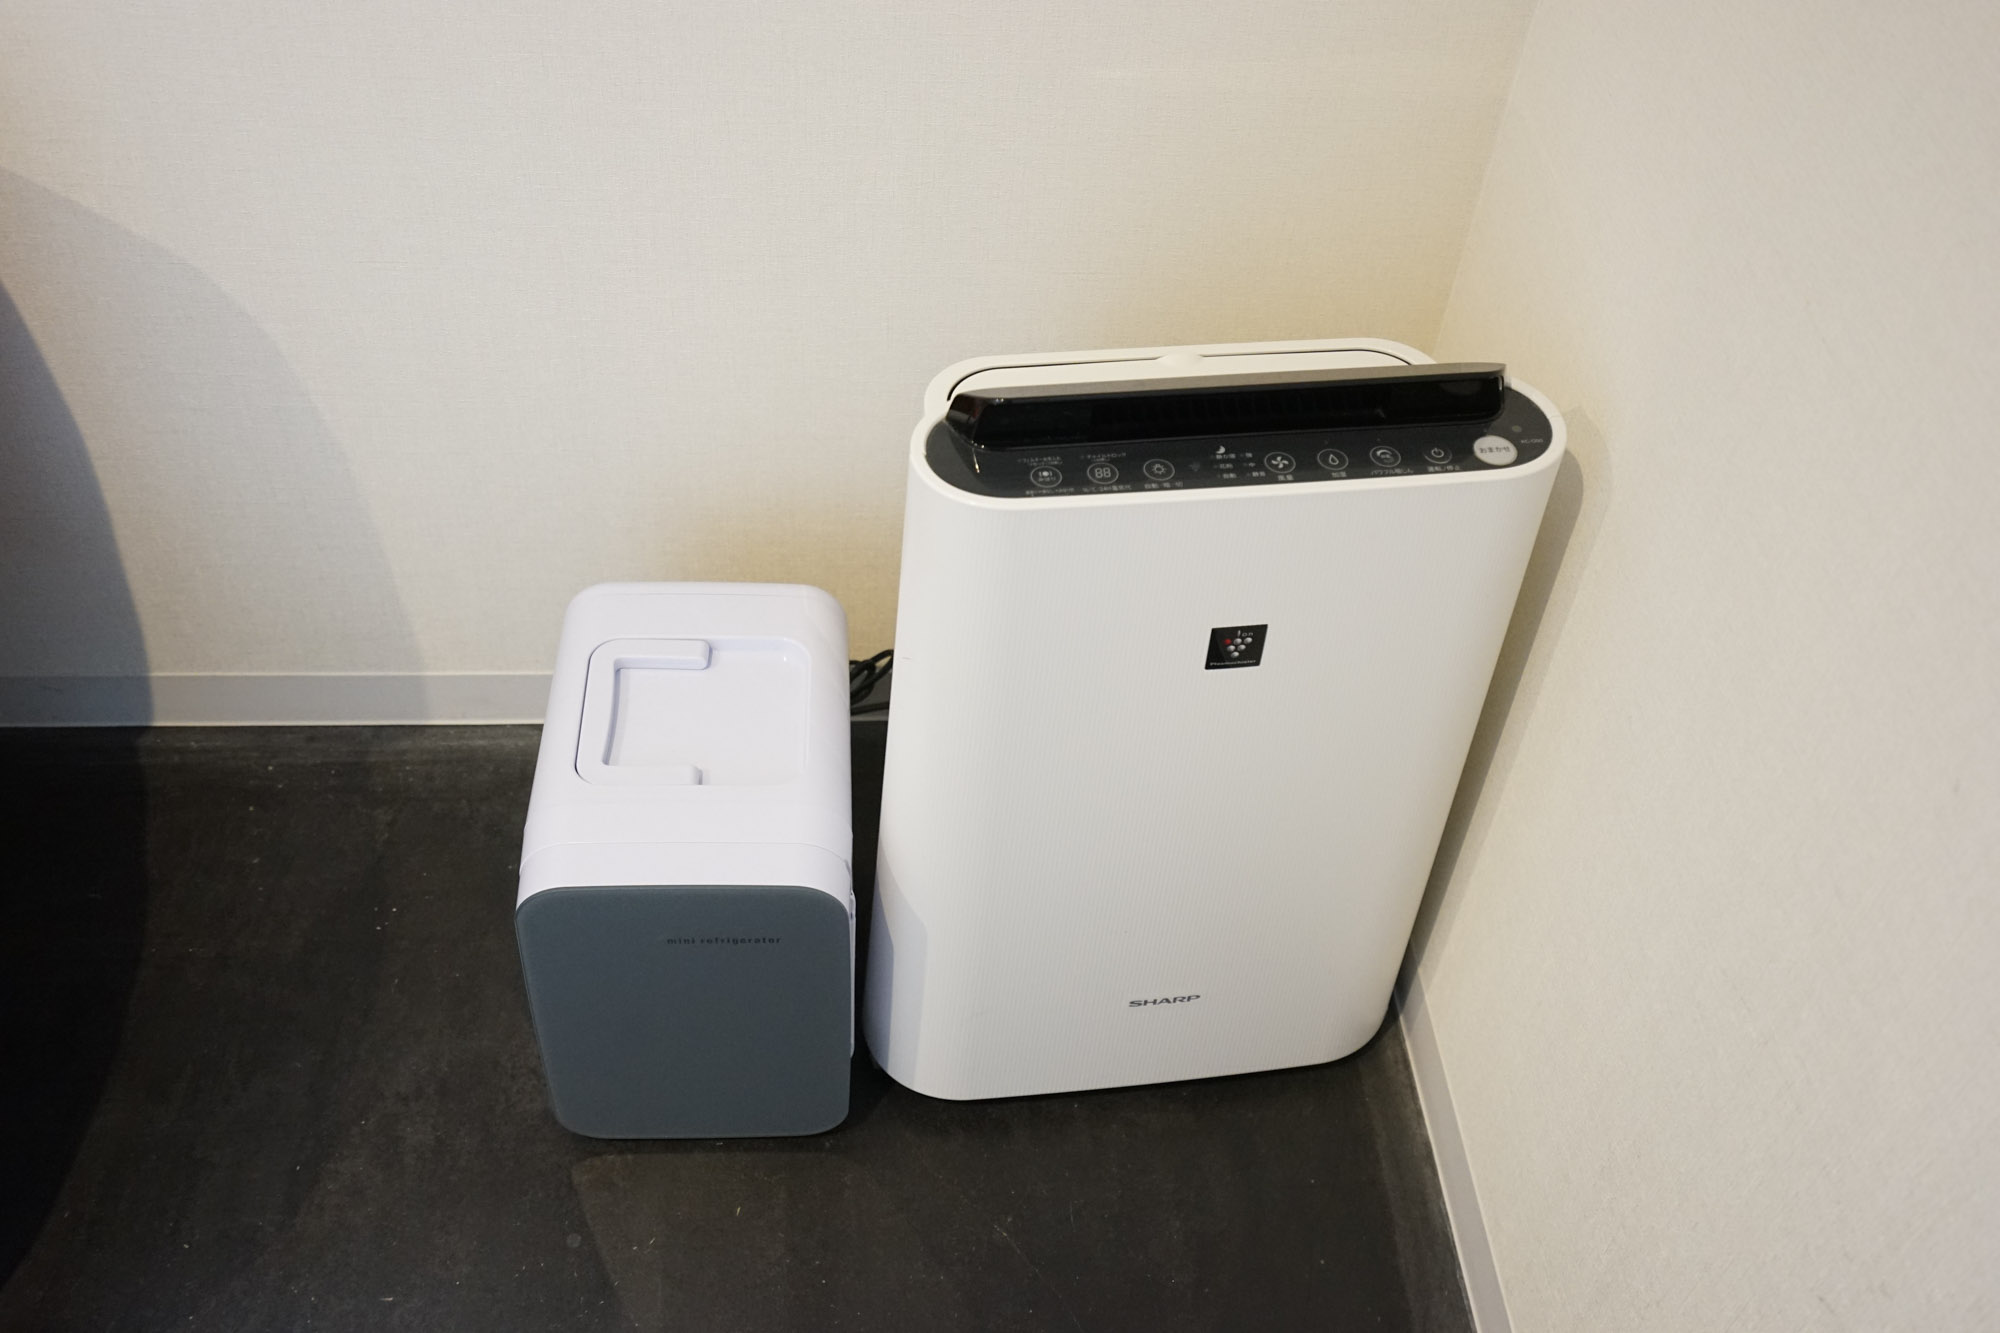 お部屋の隅っこに、空気清浄機とミニミニ冷蔵庫がありました。ただ、ミニミニ冷蔵庫は缶ビールひとつを保冷するクーラーボックスぐらいの効果。常温のものを冷やす威力はありませんのでご注意。1階のラウンジにシェア冷蔵庫がありますのでそちらもご利用を。